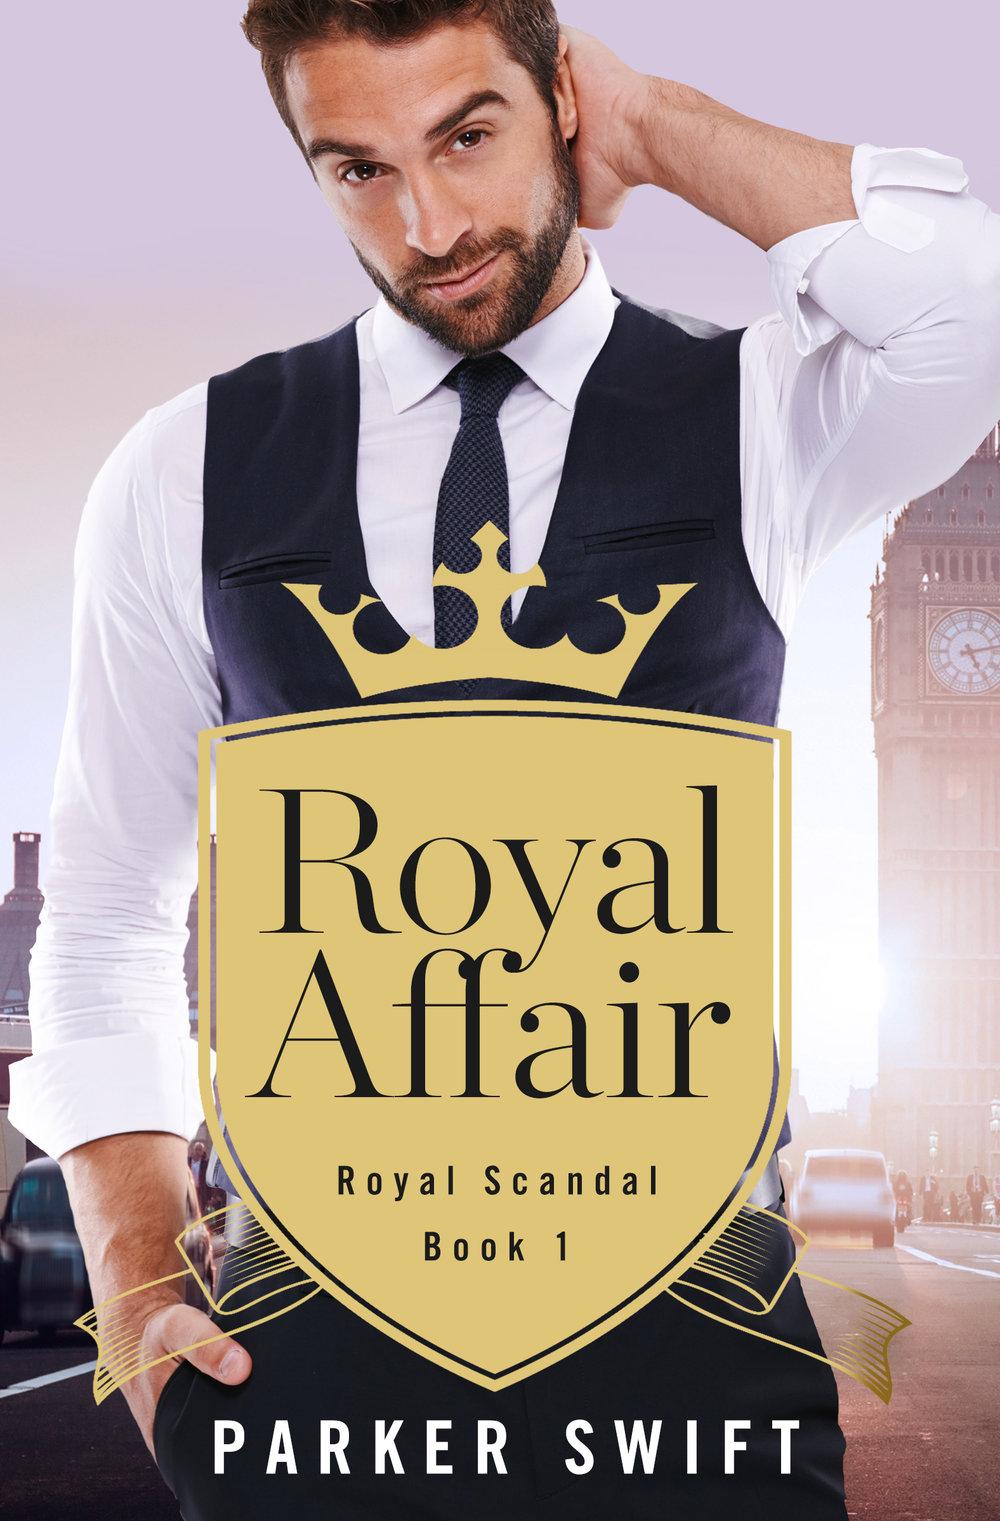 RoyalAffair4_RGB301.jpg